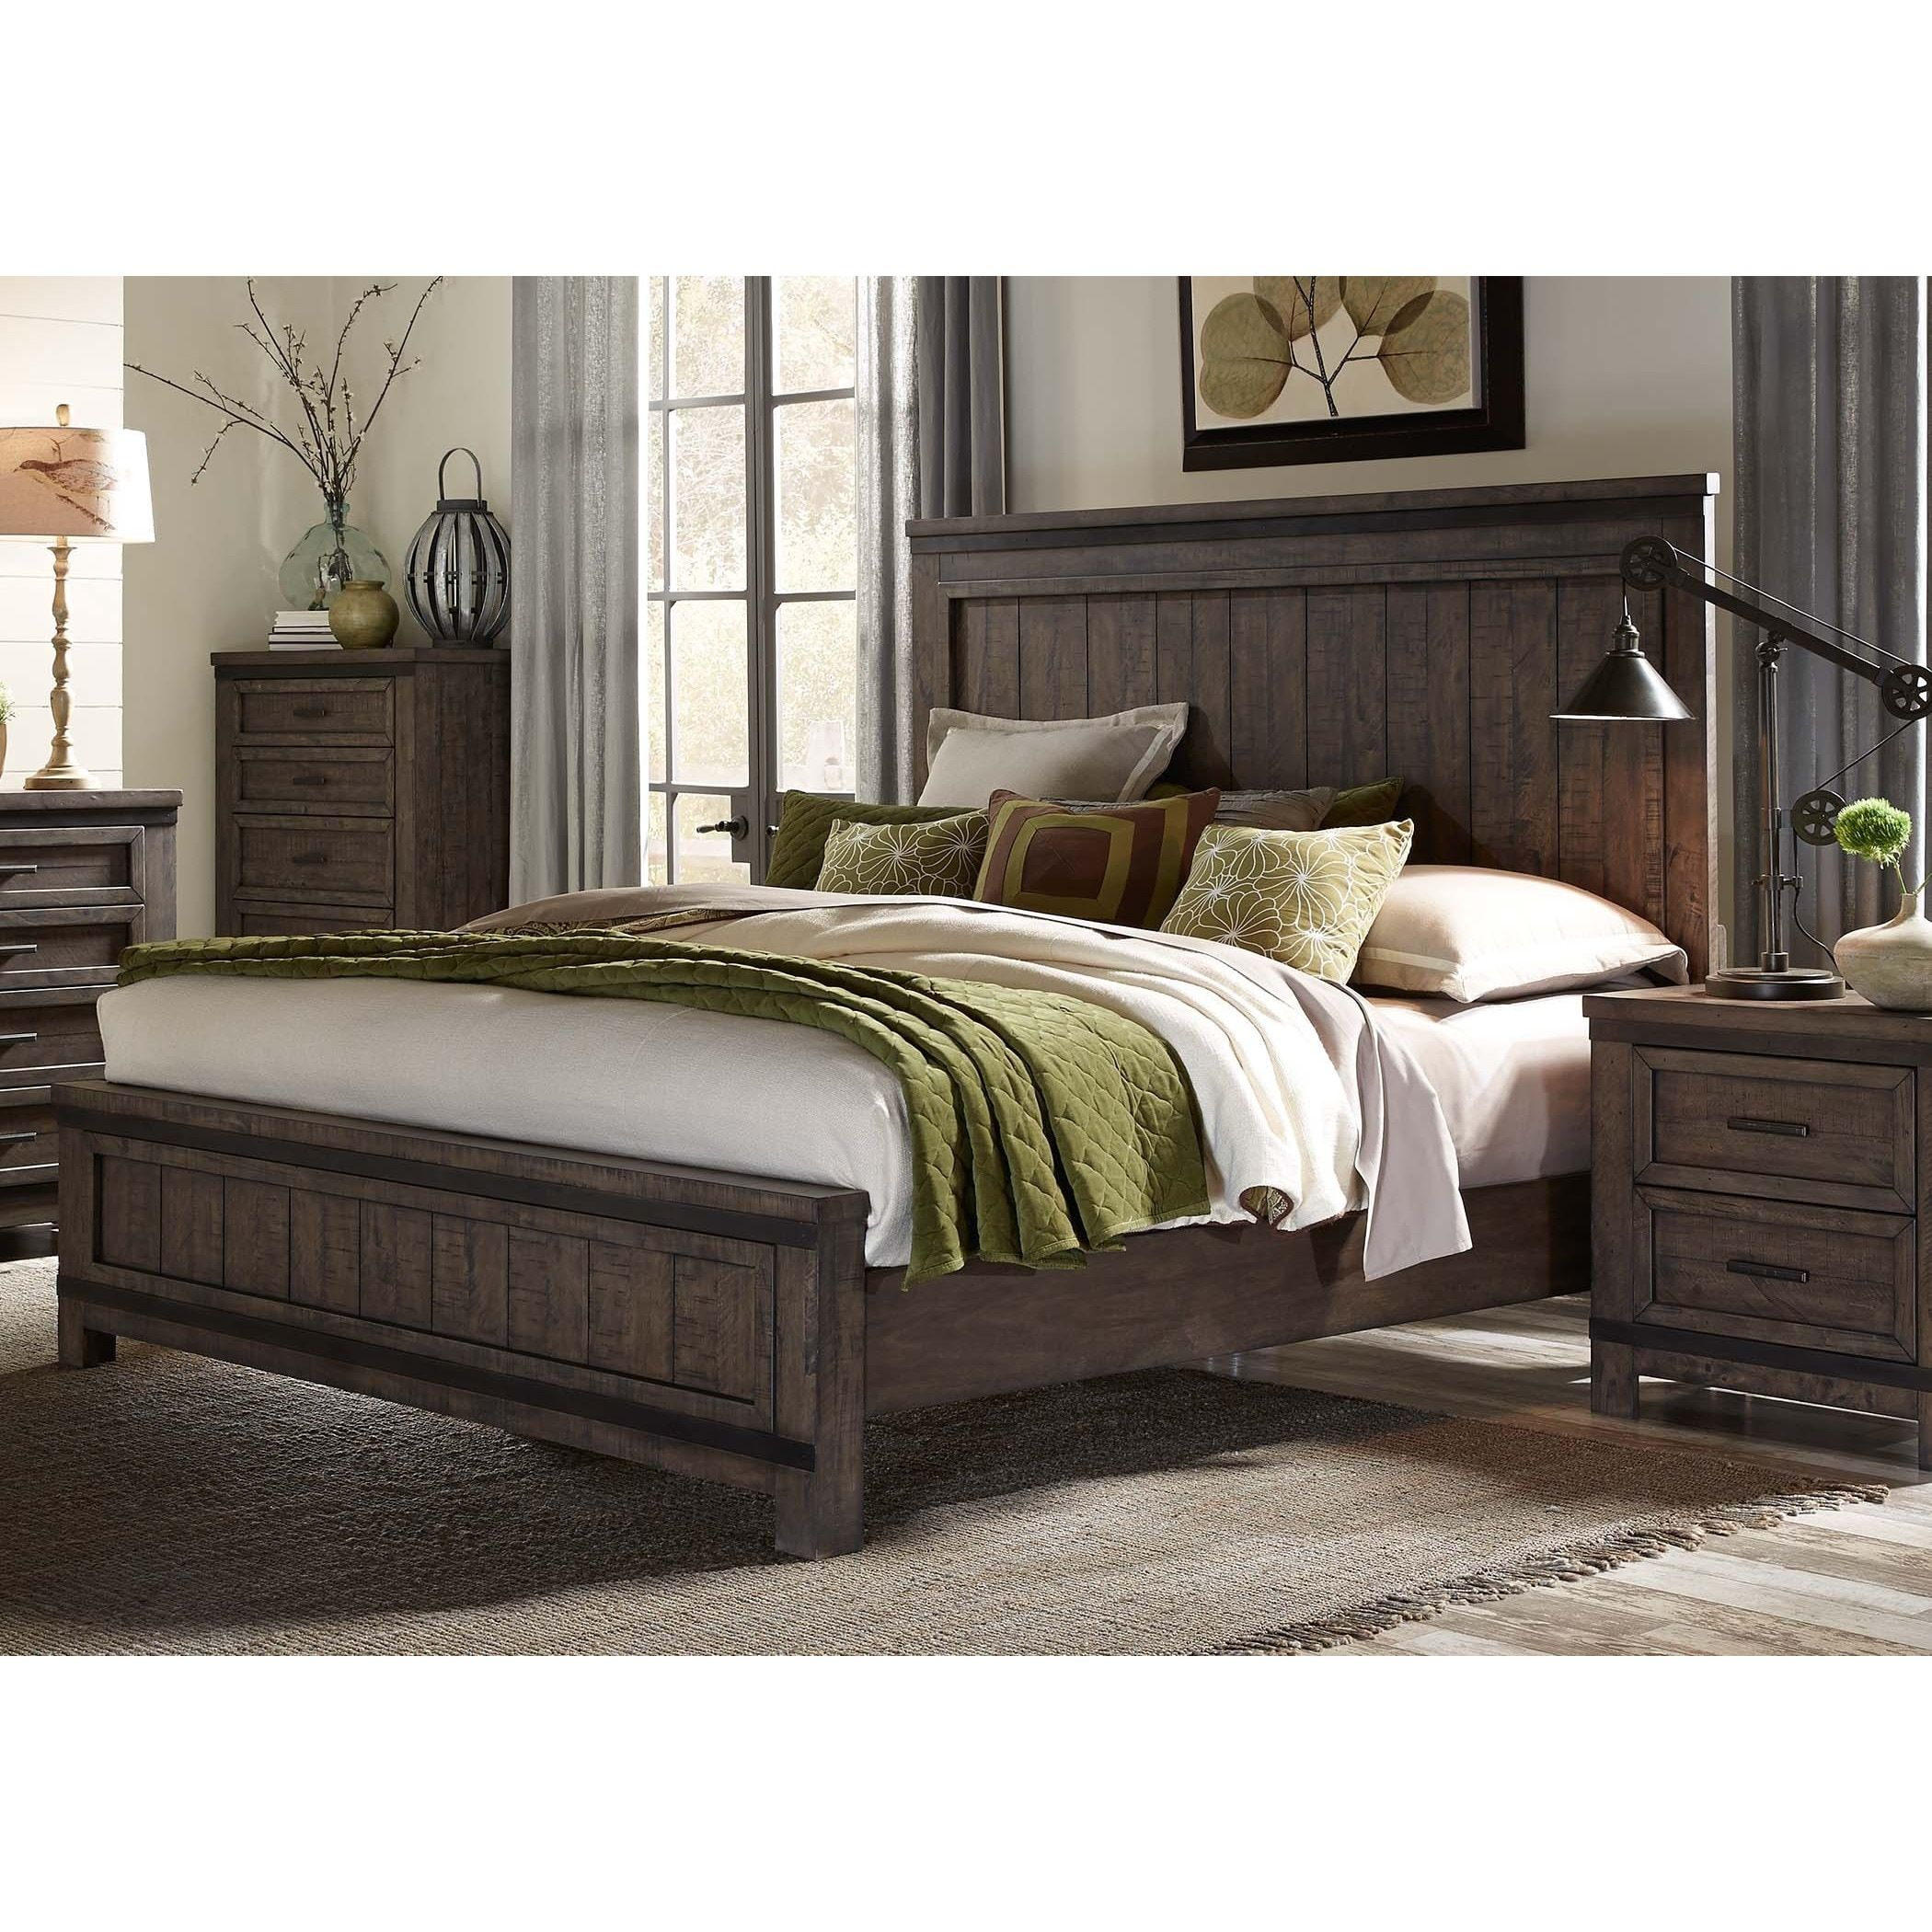 Thornwood Hills Rock Beaten Gray Panel Bed King storage